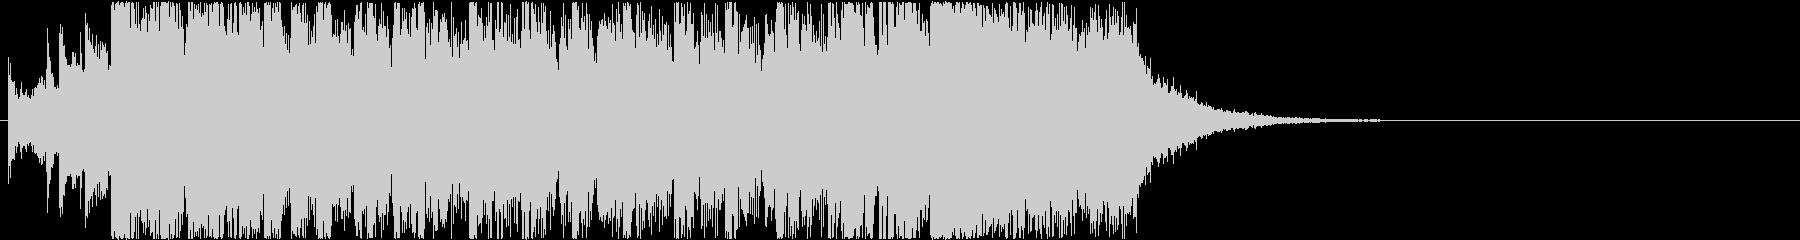 ニュースOP1 16bit44.1kHzの未再生の波形